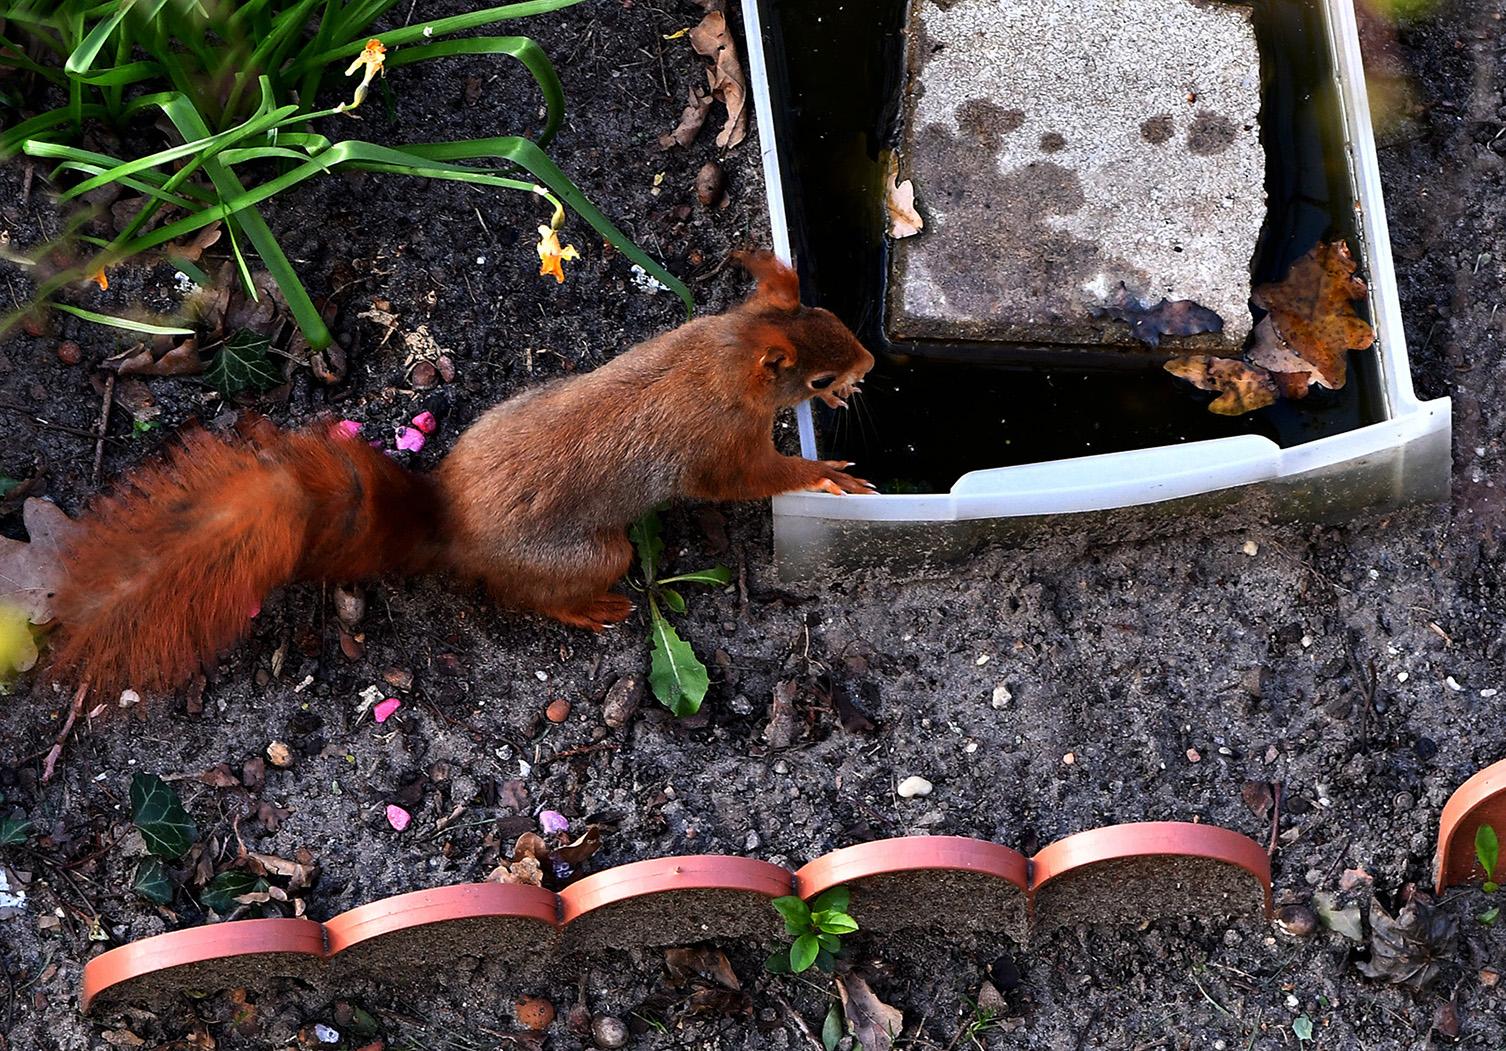 Even de dorst lessen bij de waterbak op de grond - Foto: ©Louis Fraanje